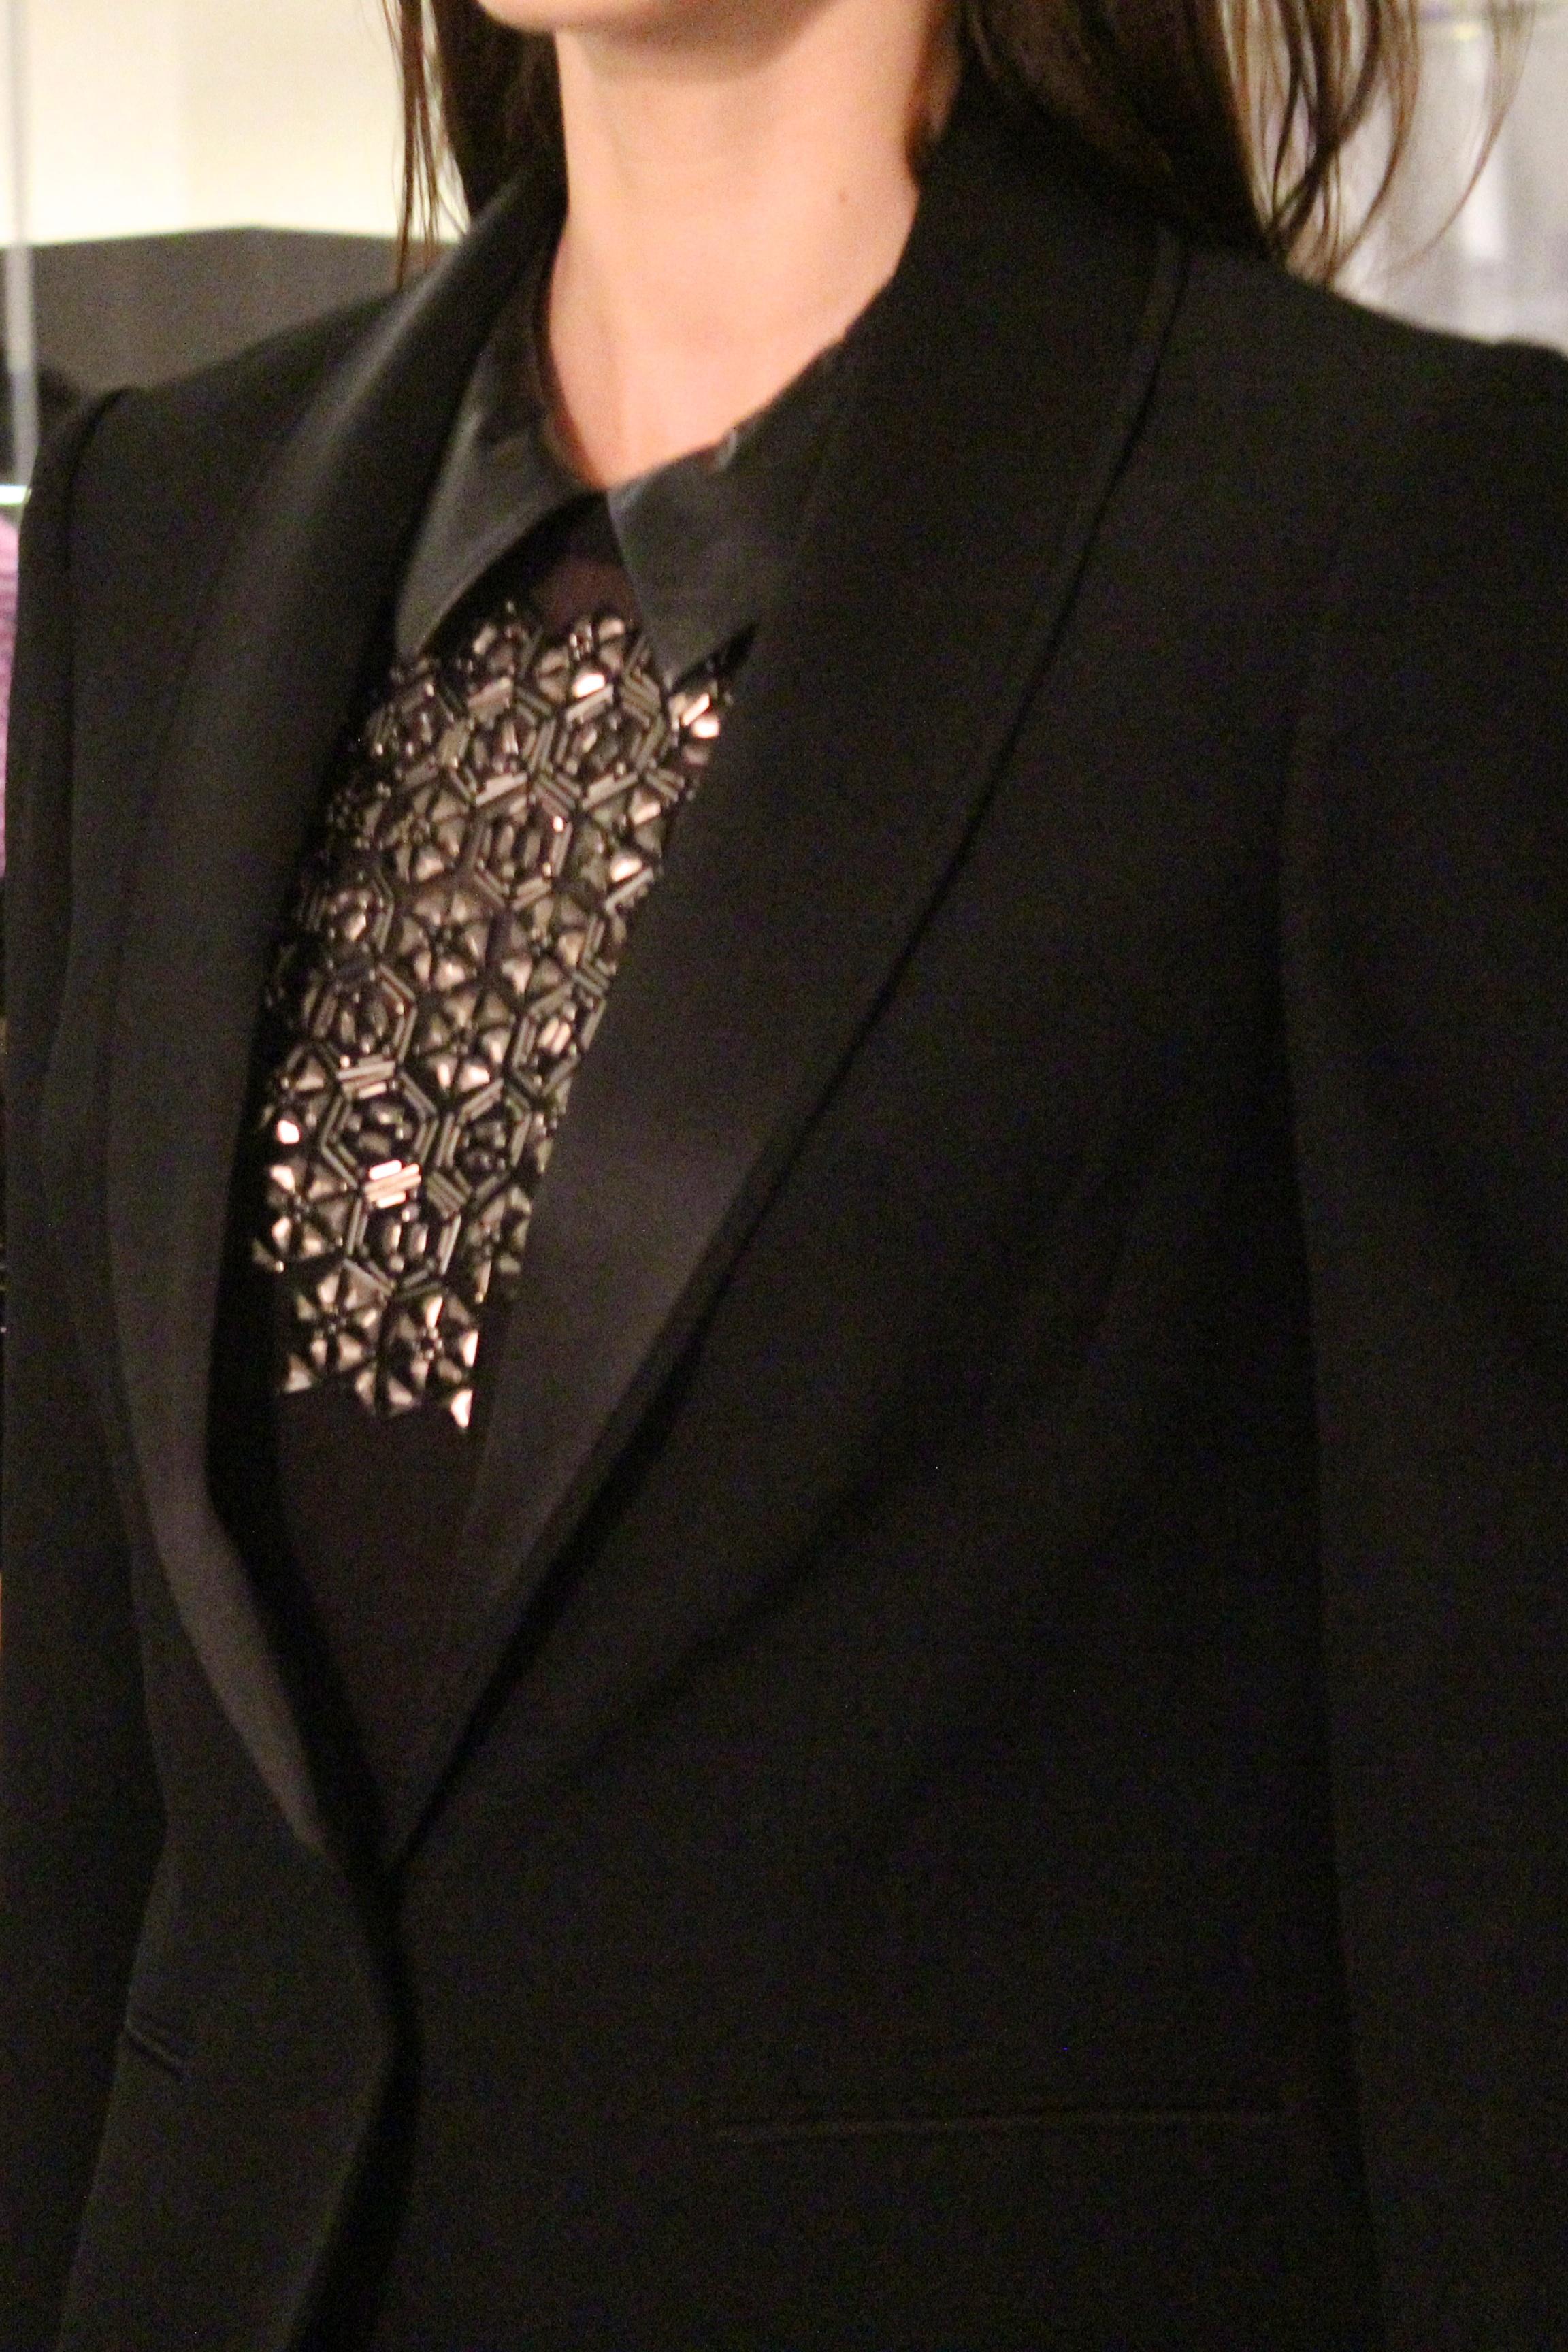 Jacket:   Modern tuxedo jacket